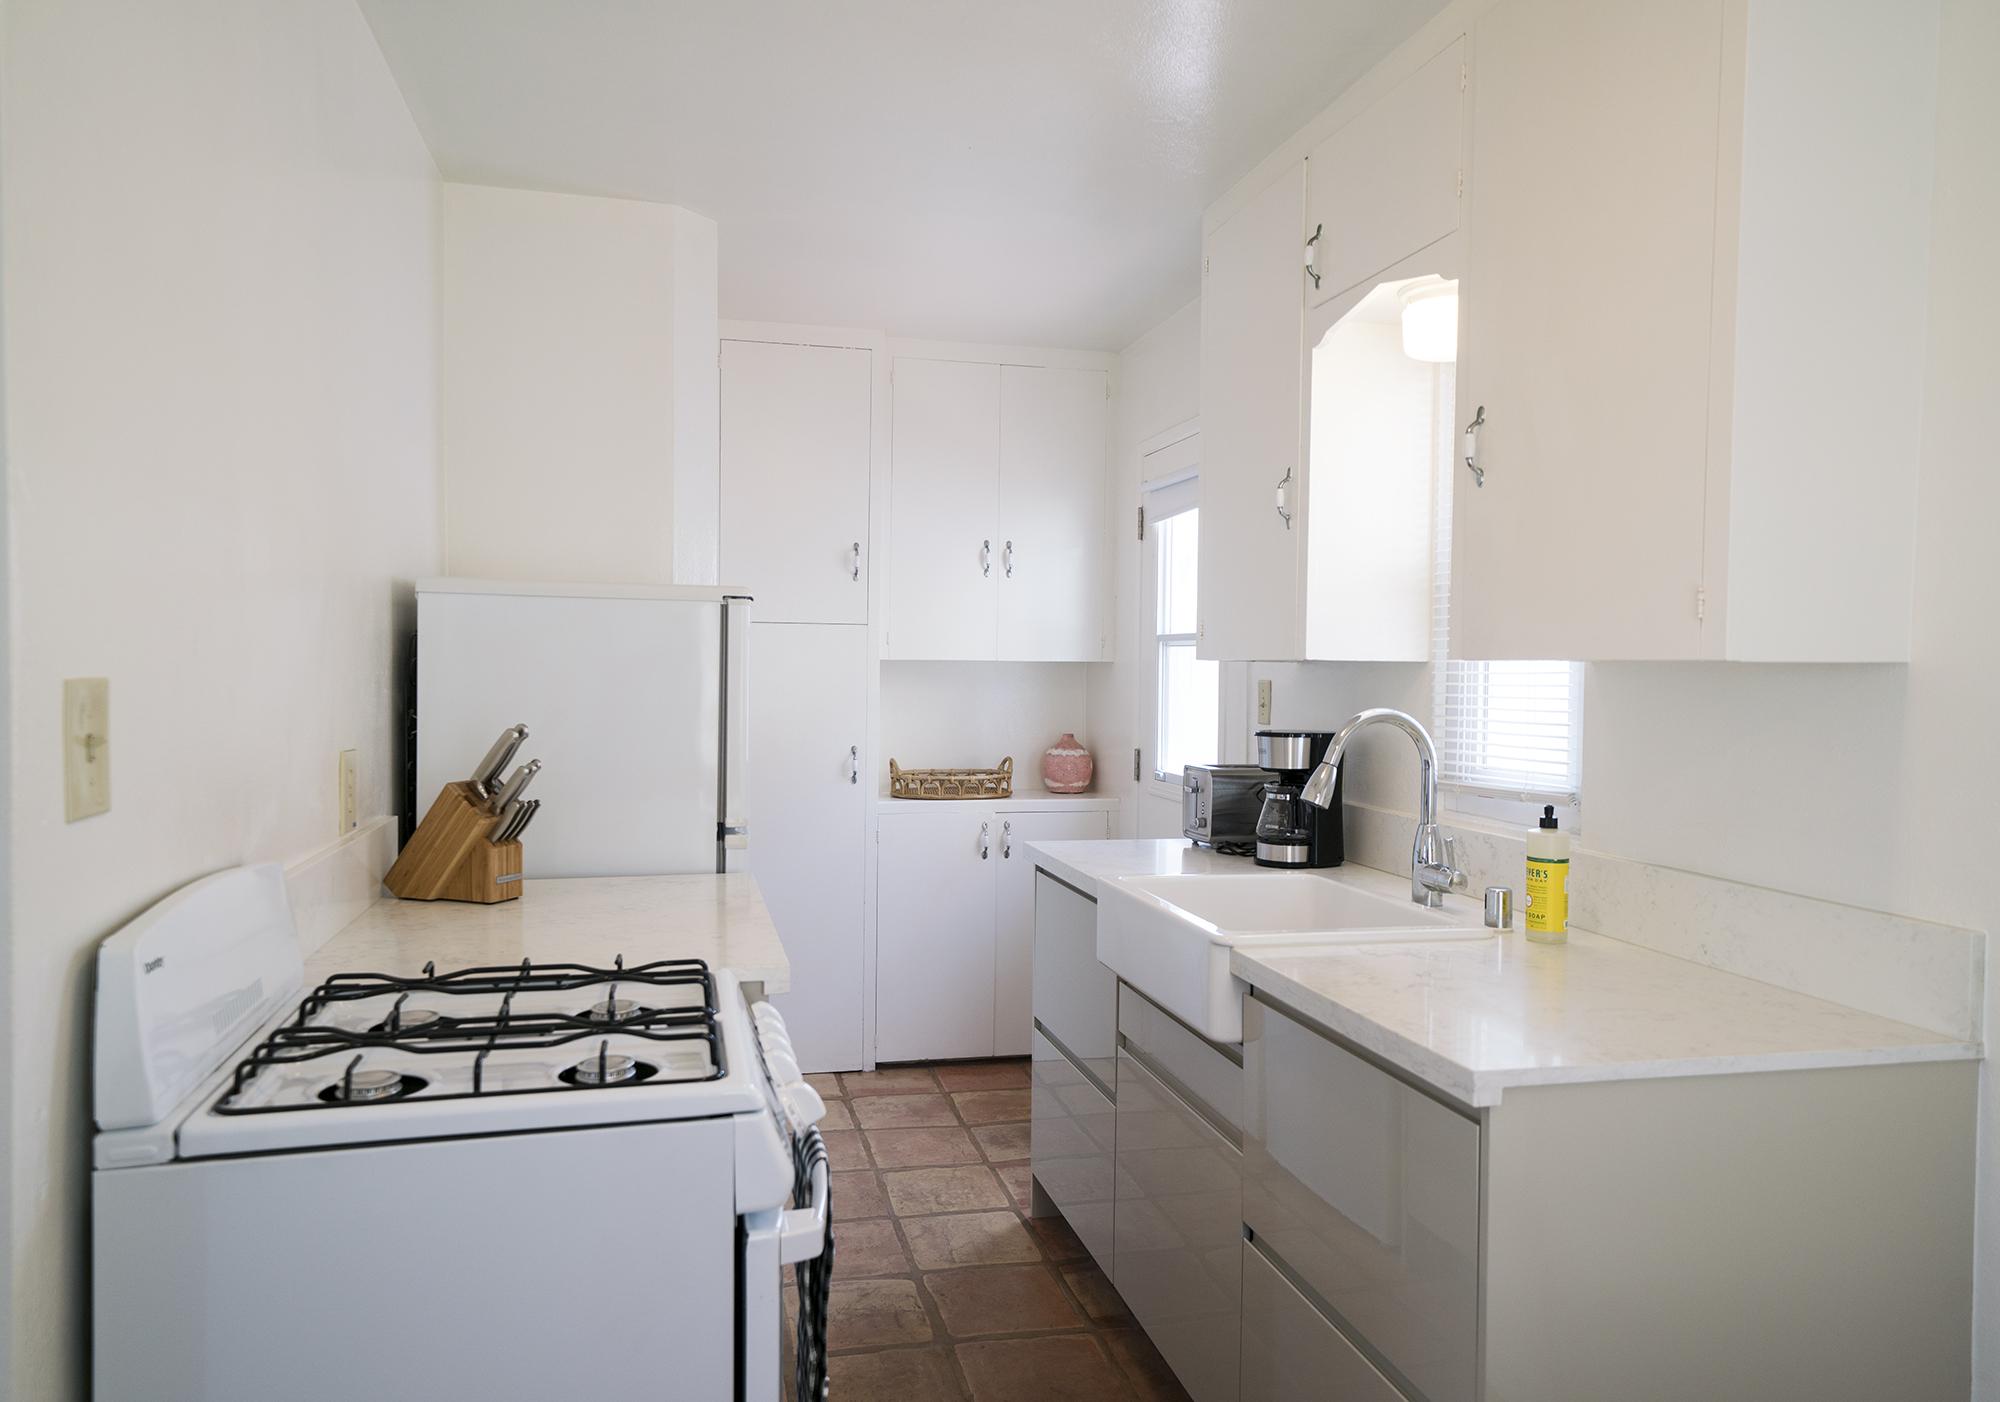 735w_kitchen01.jpg